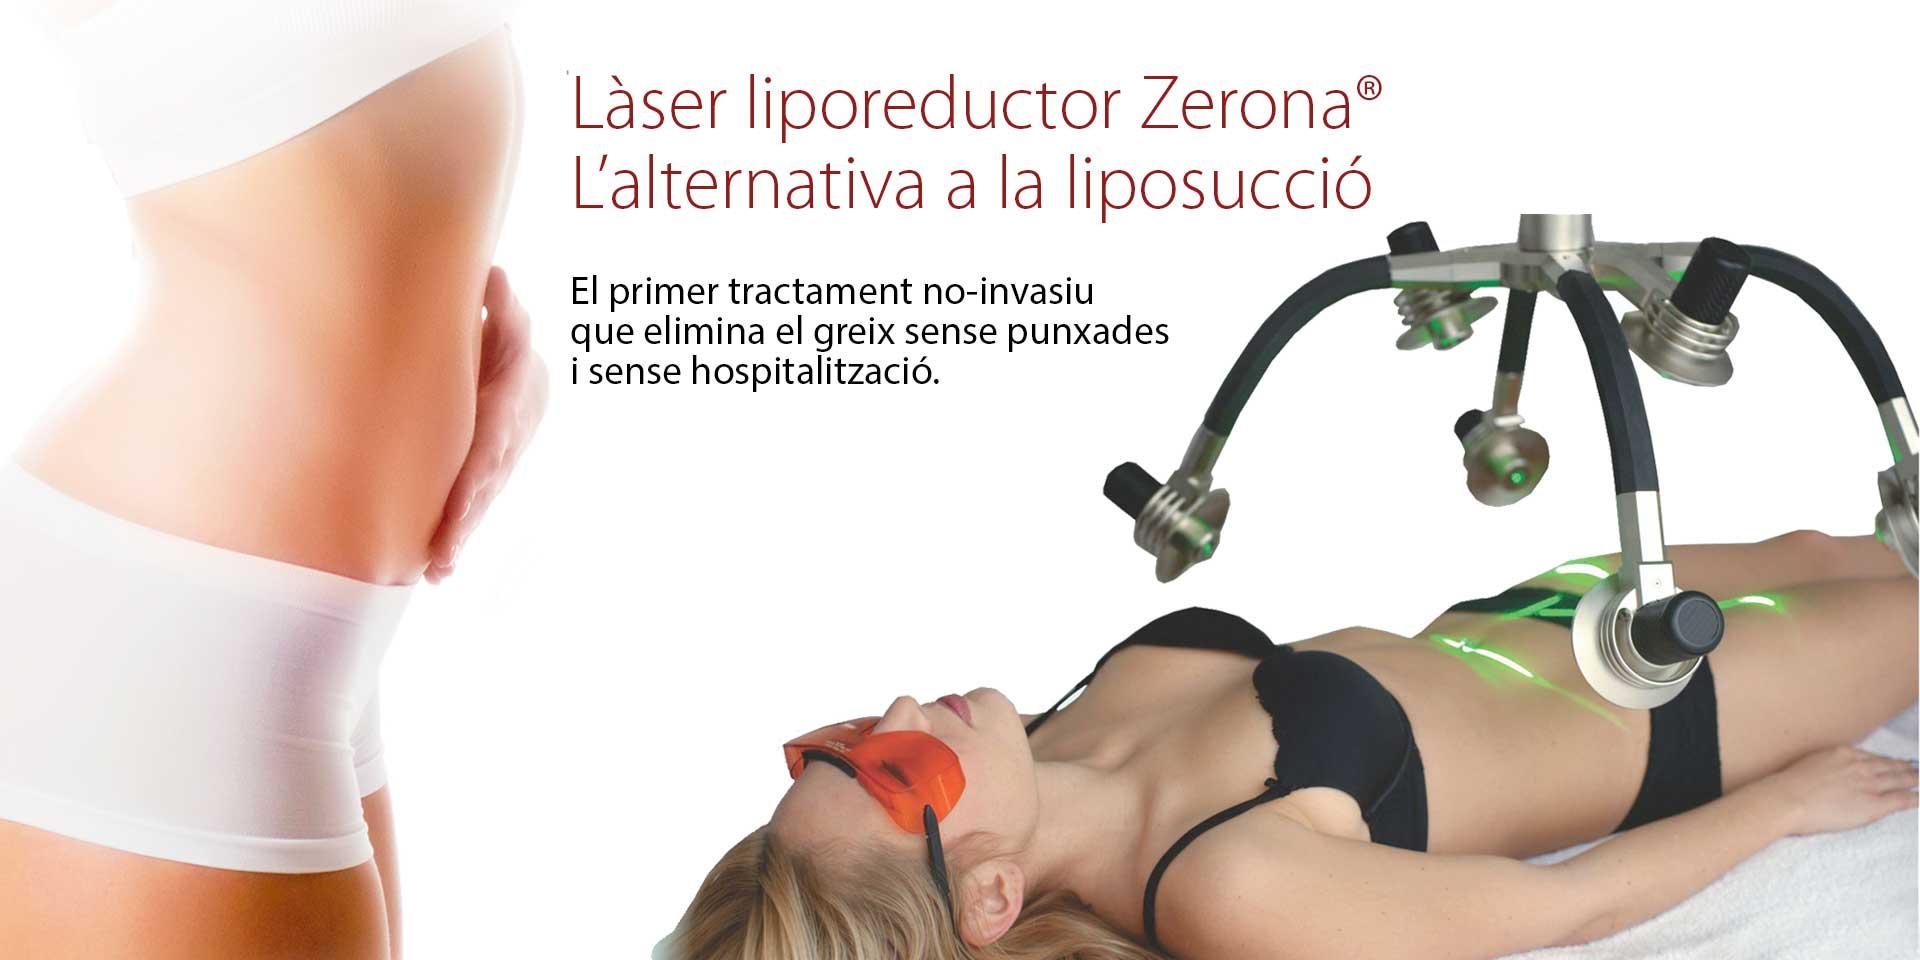 Zerona, l'alternativa a la liposucció